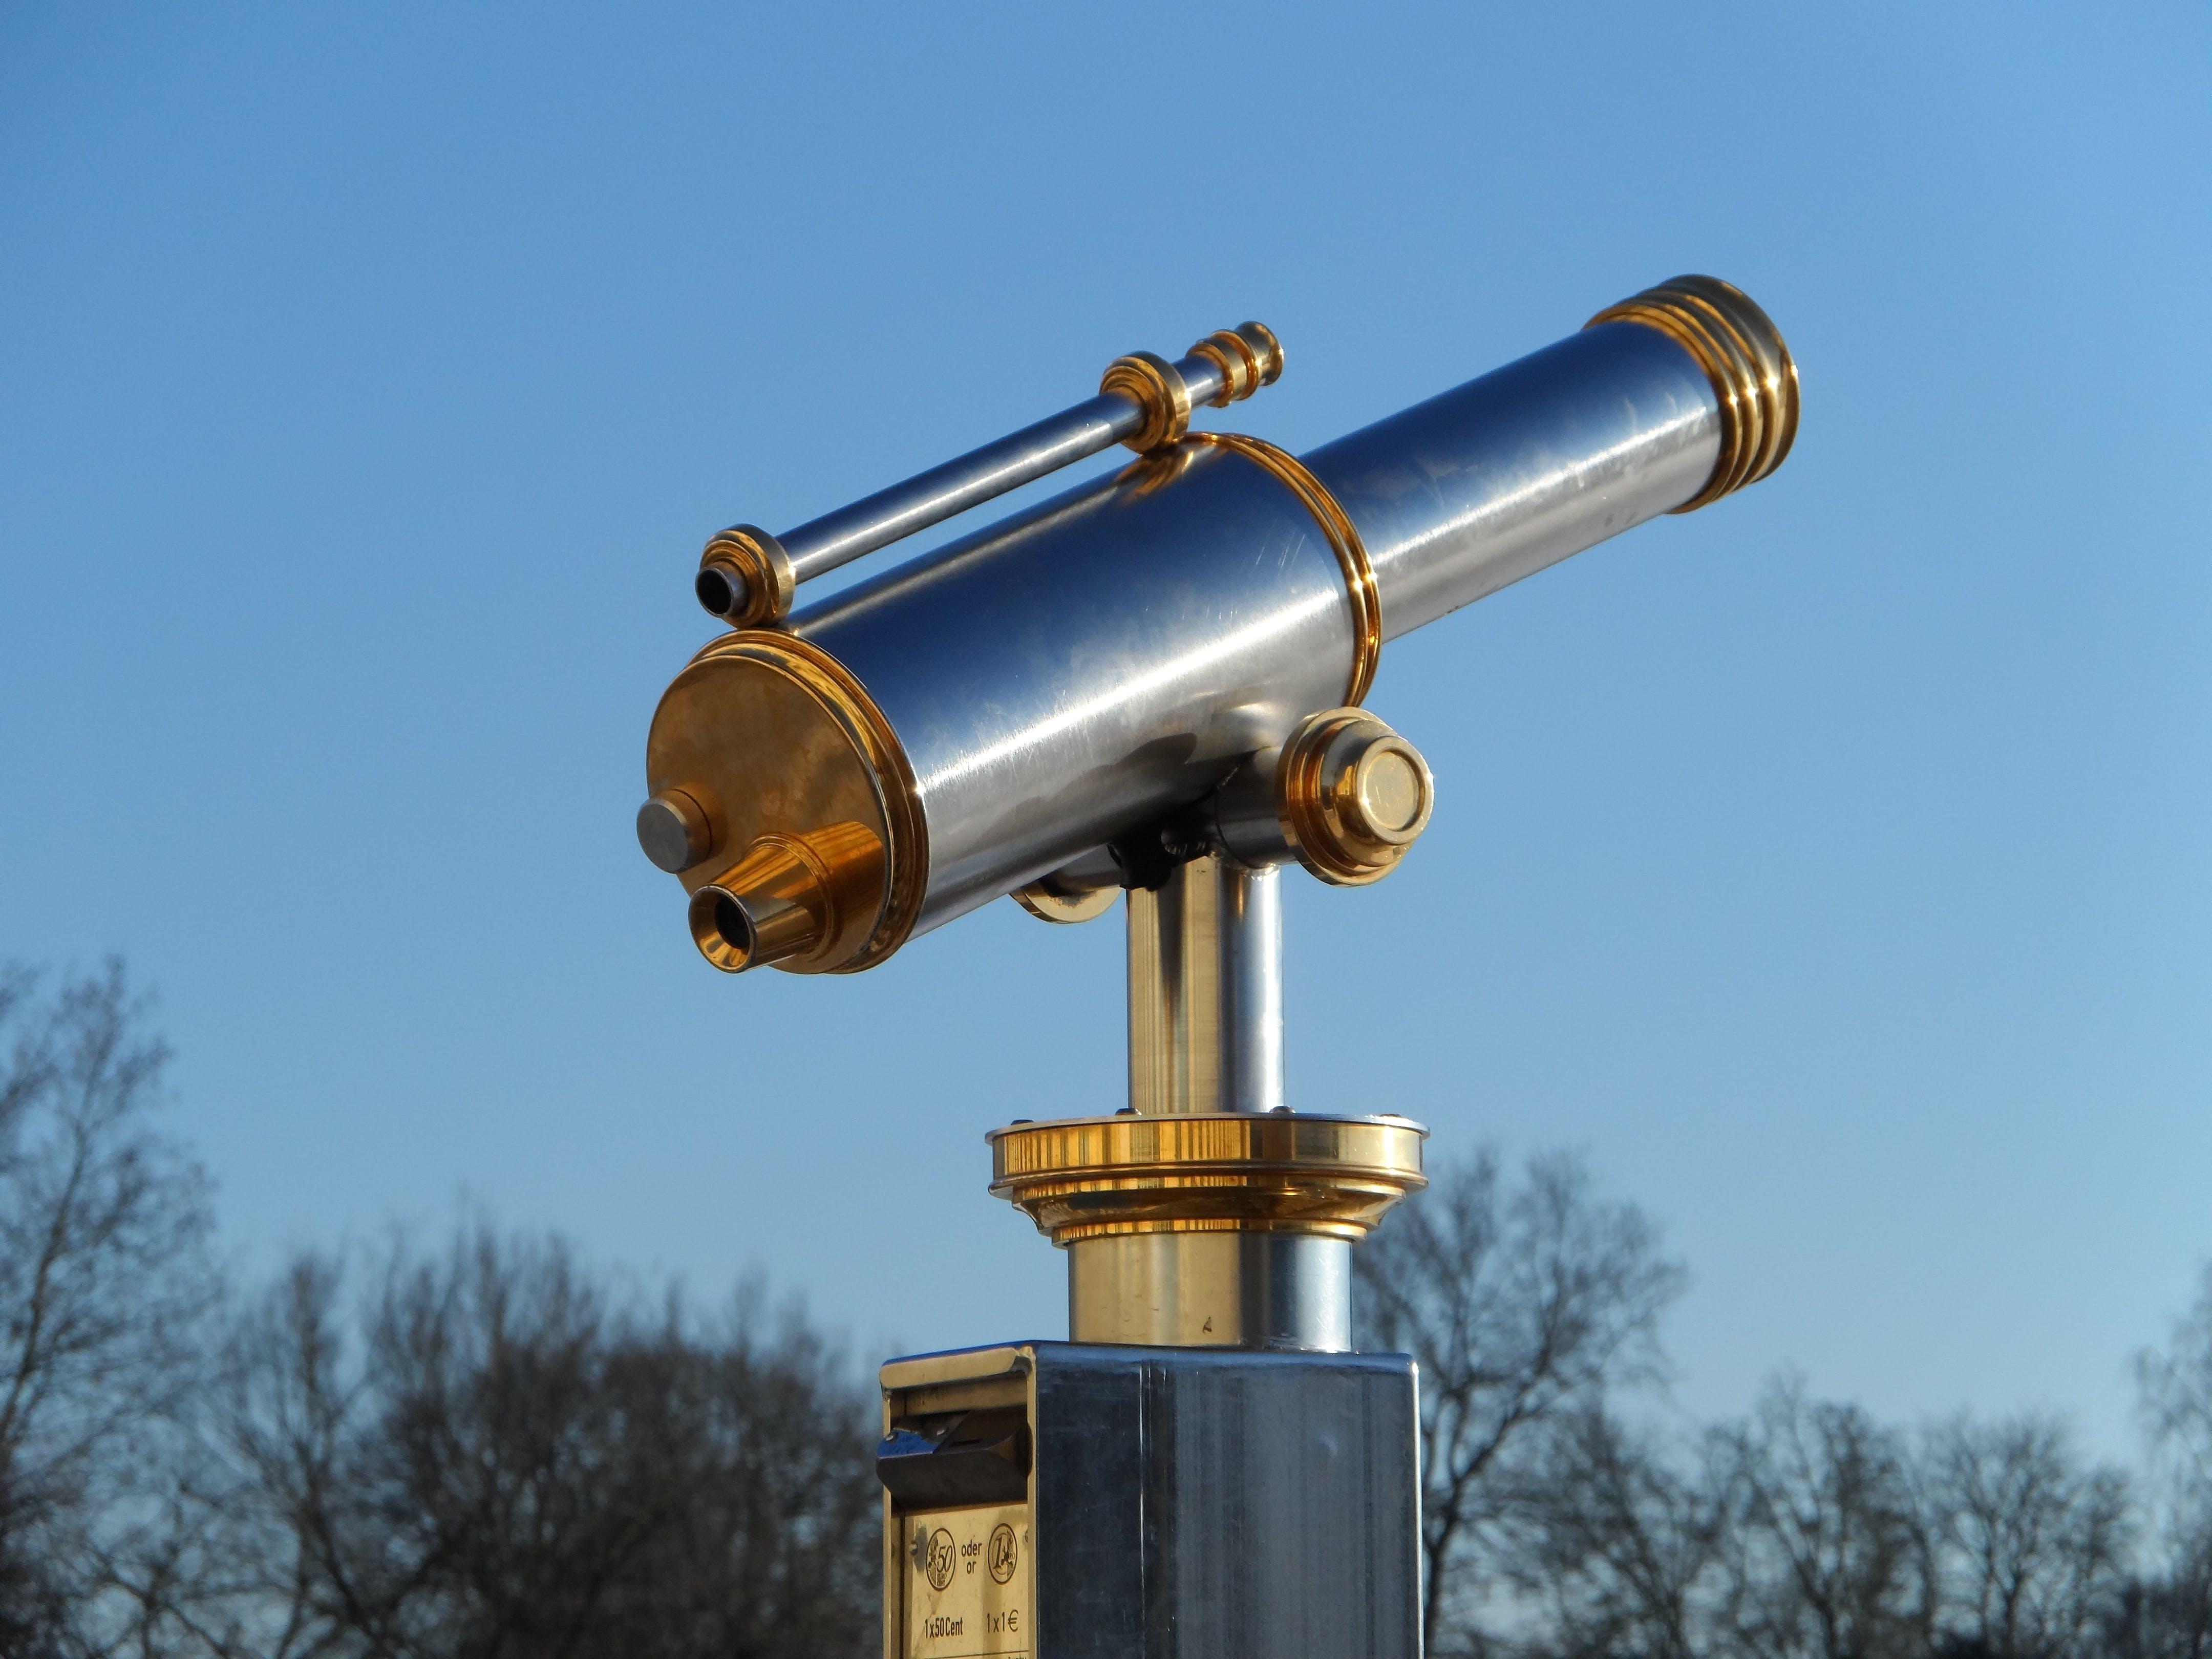 Kostenloses Stock Foto zu himmel, fernglas, stehlen, gerät